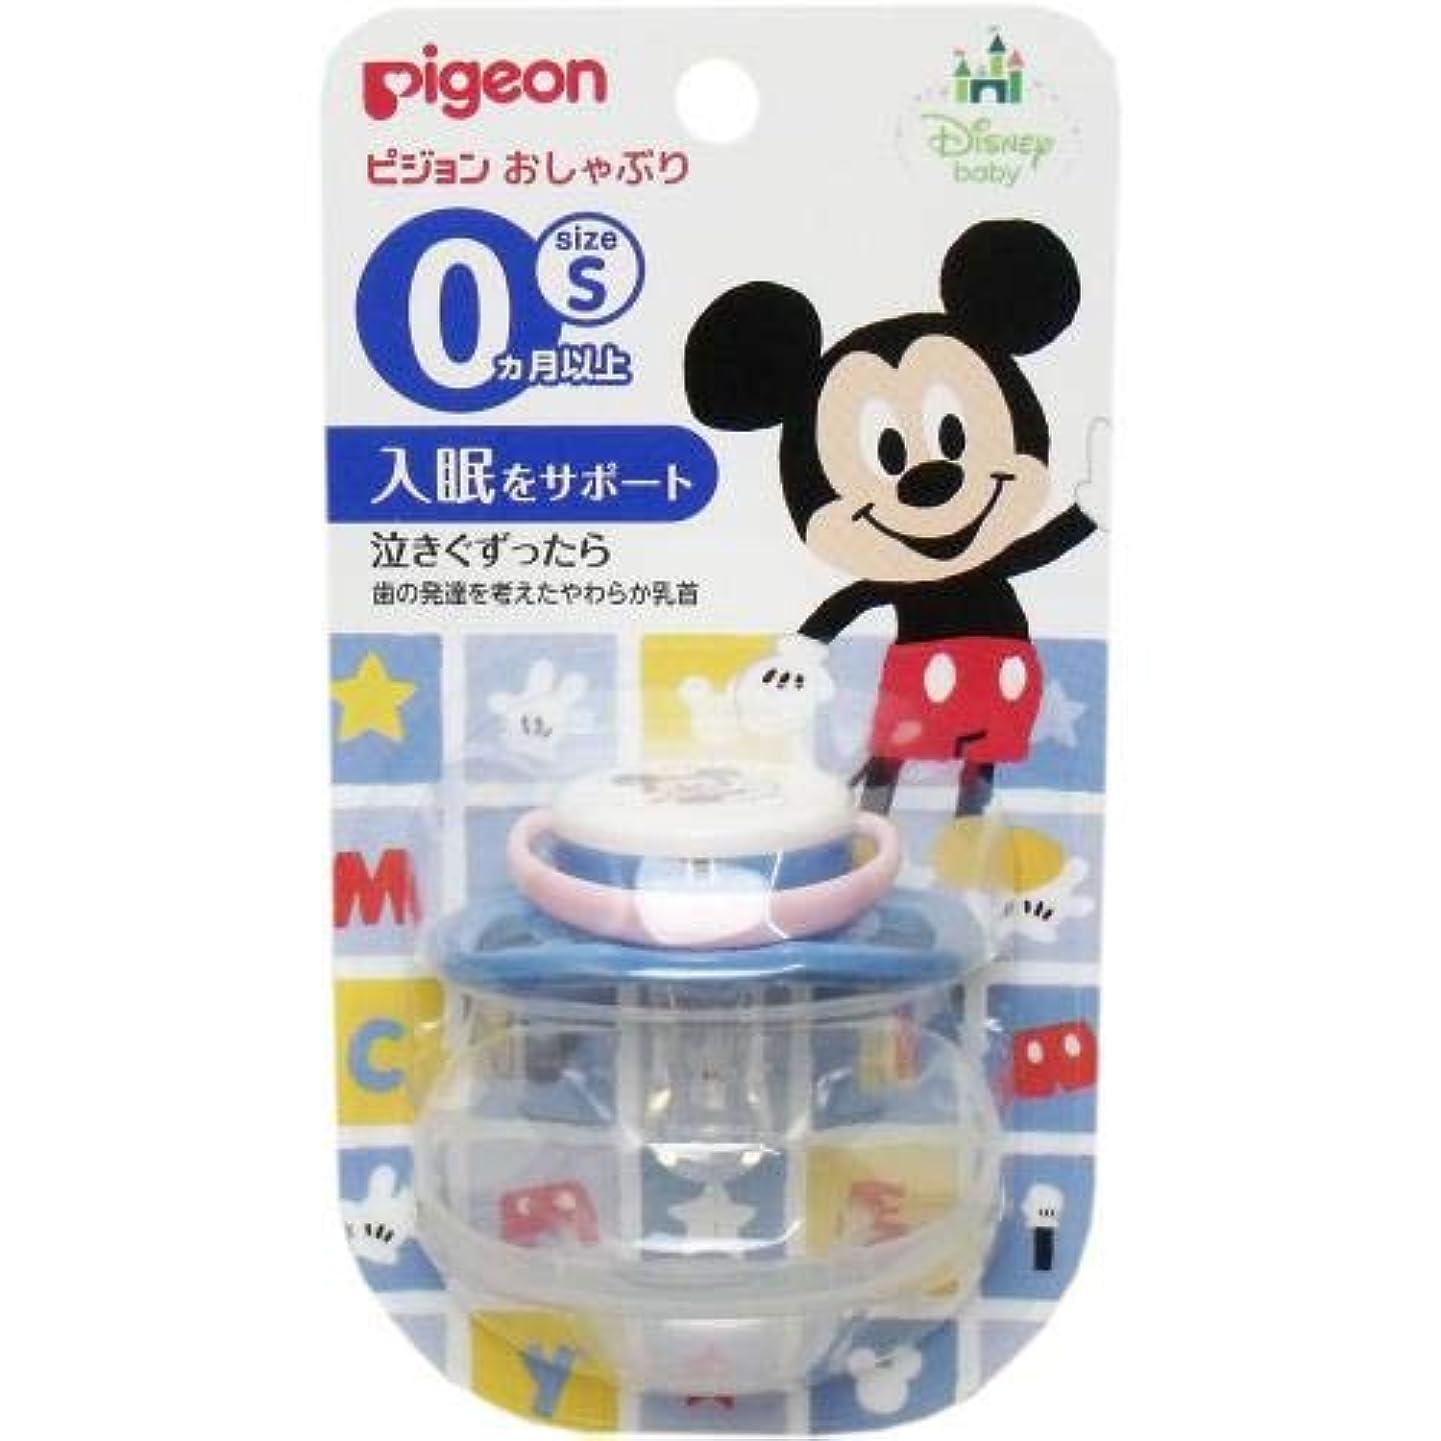 子供が吸いやすい形状を開発!気にならずにぐいぐい飲めます!人気のミッキーのおしゃぶり!!赤ちゃんもご機嫌ミルク! Sサイズ 0ヶ月以上